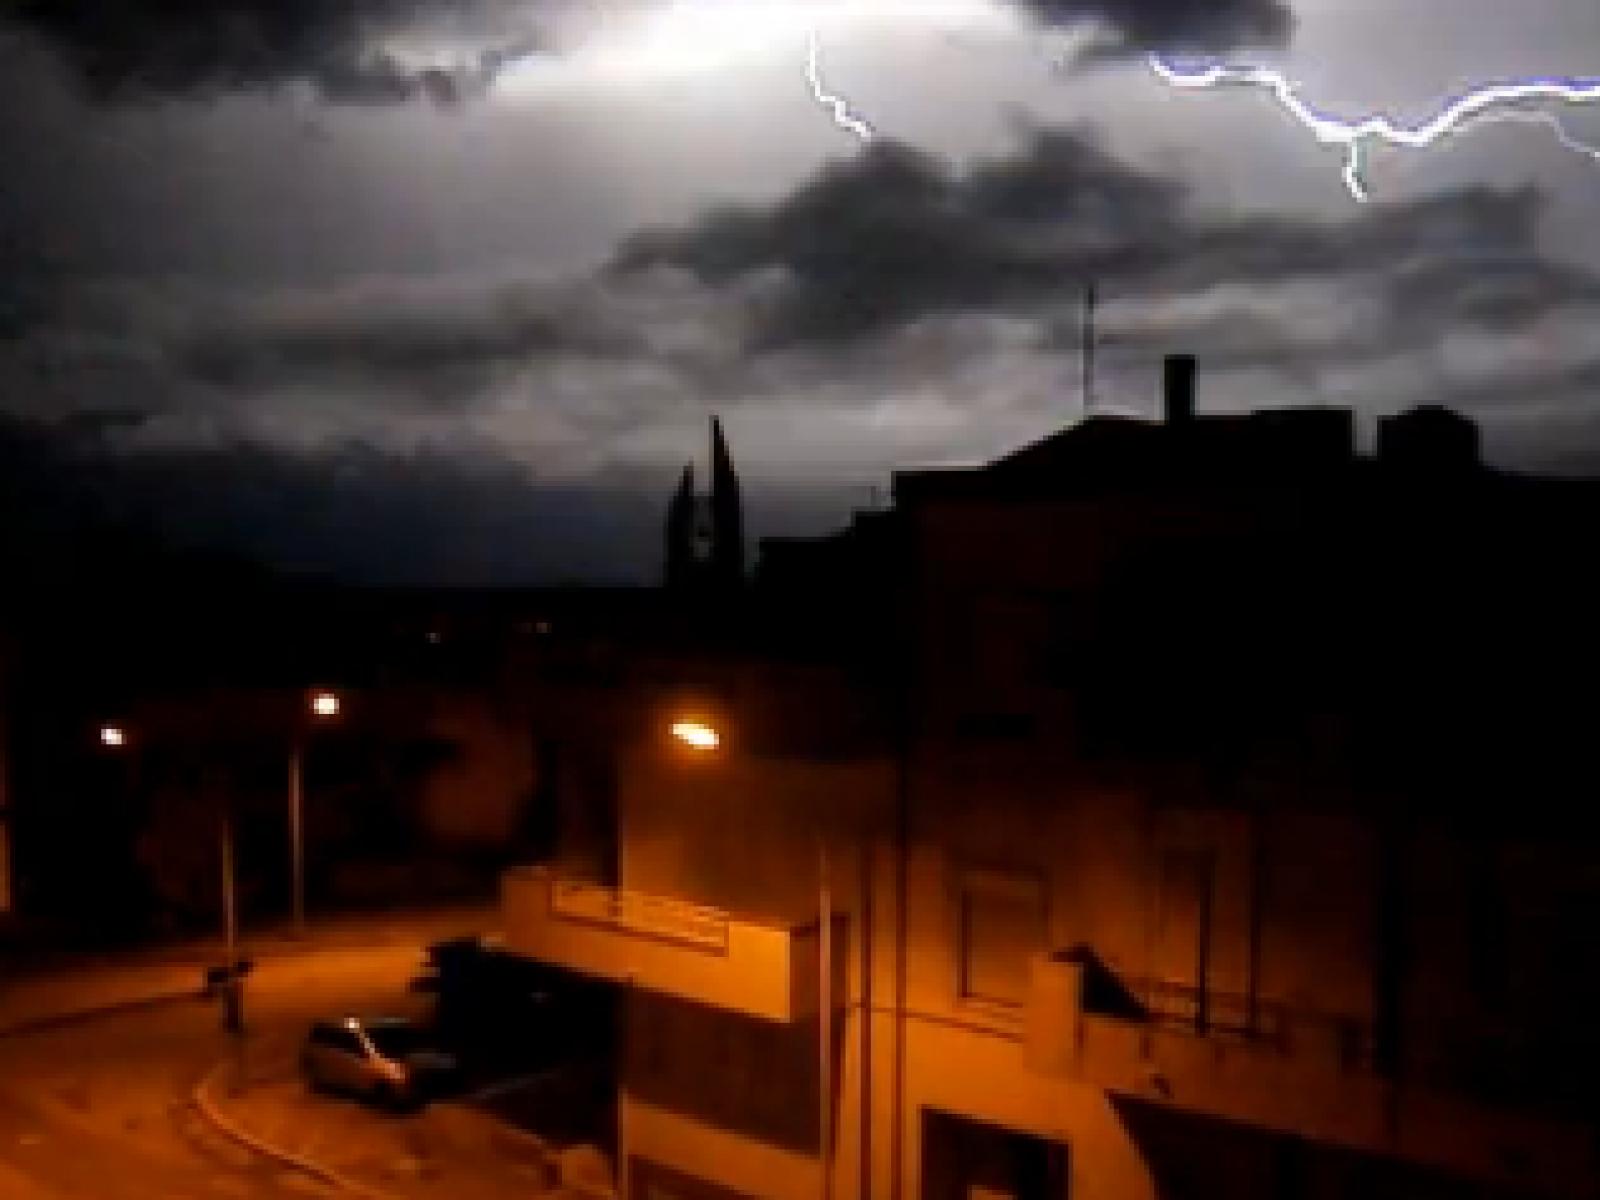 Meteo, allarme Rosso a Palermo: Chiuse università, scuole e uffici